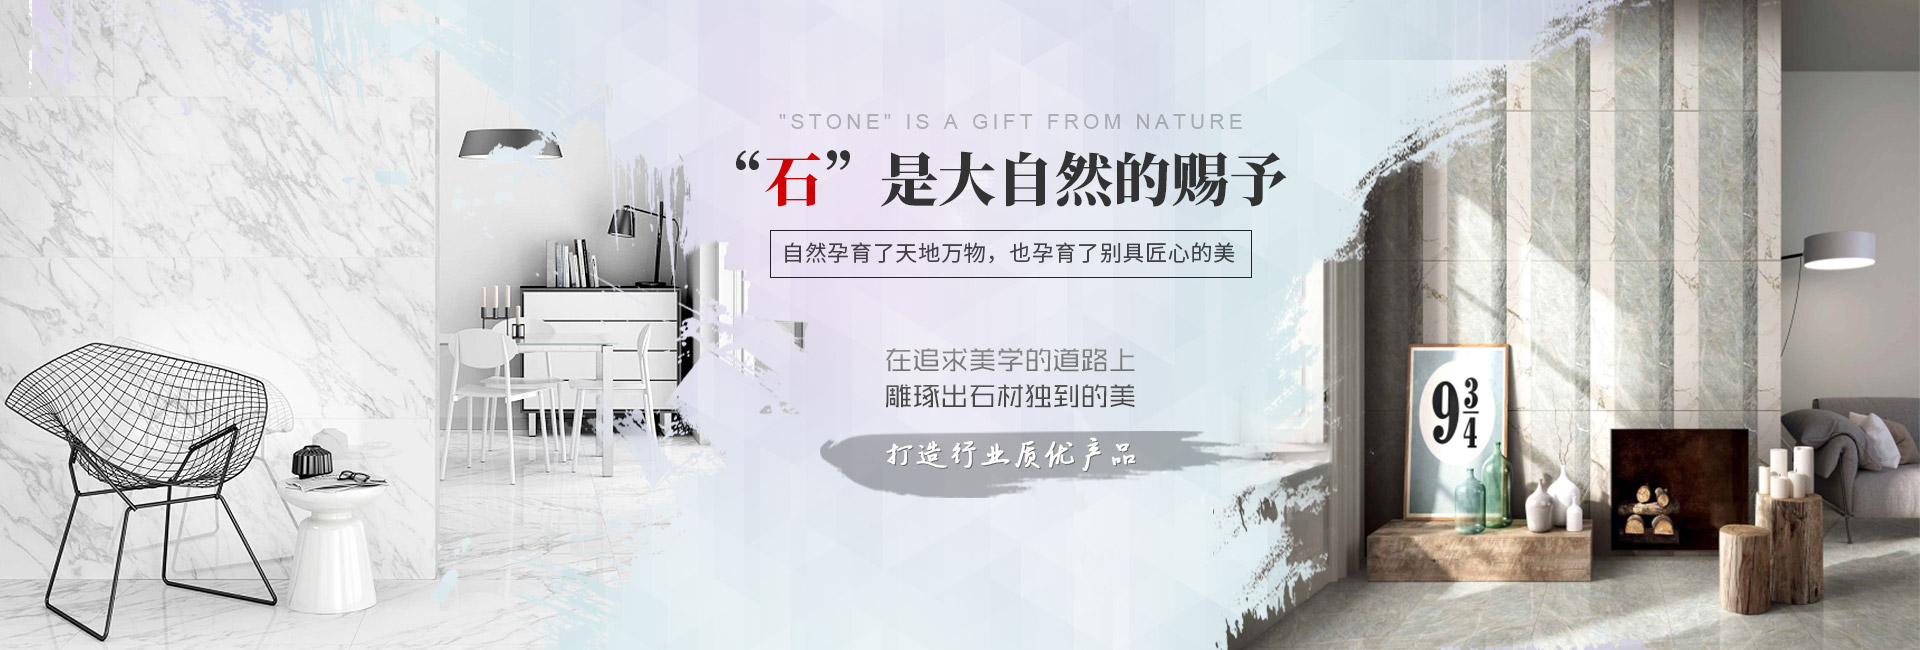 苏州蔡氏石业有限公司